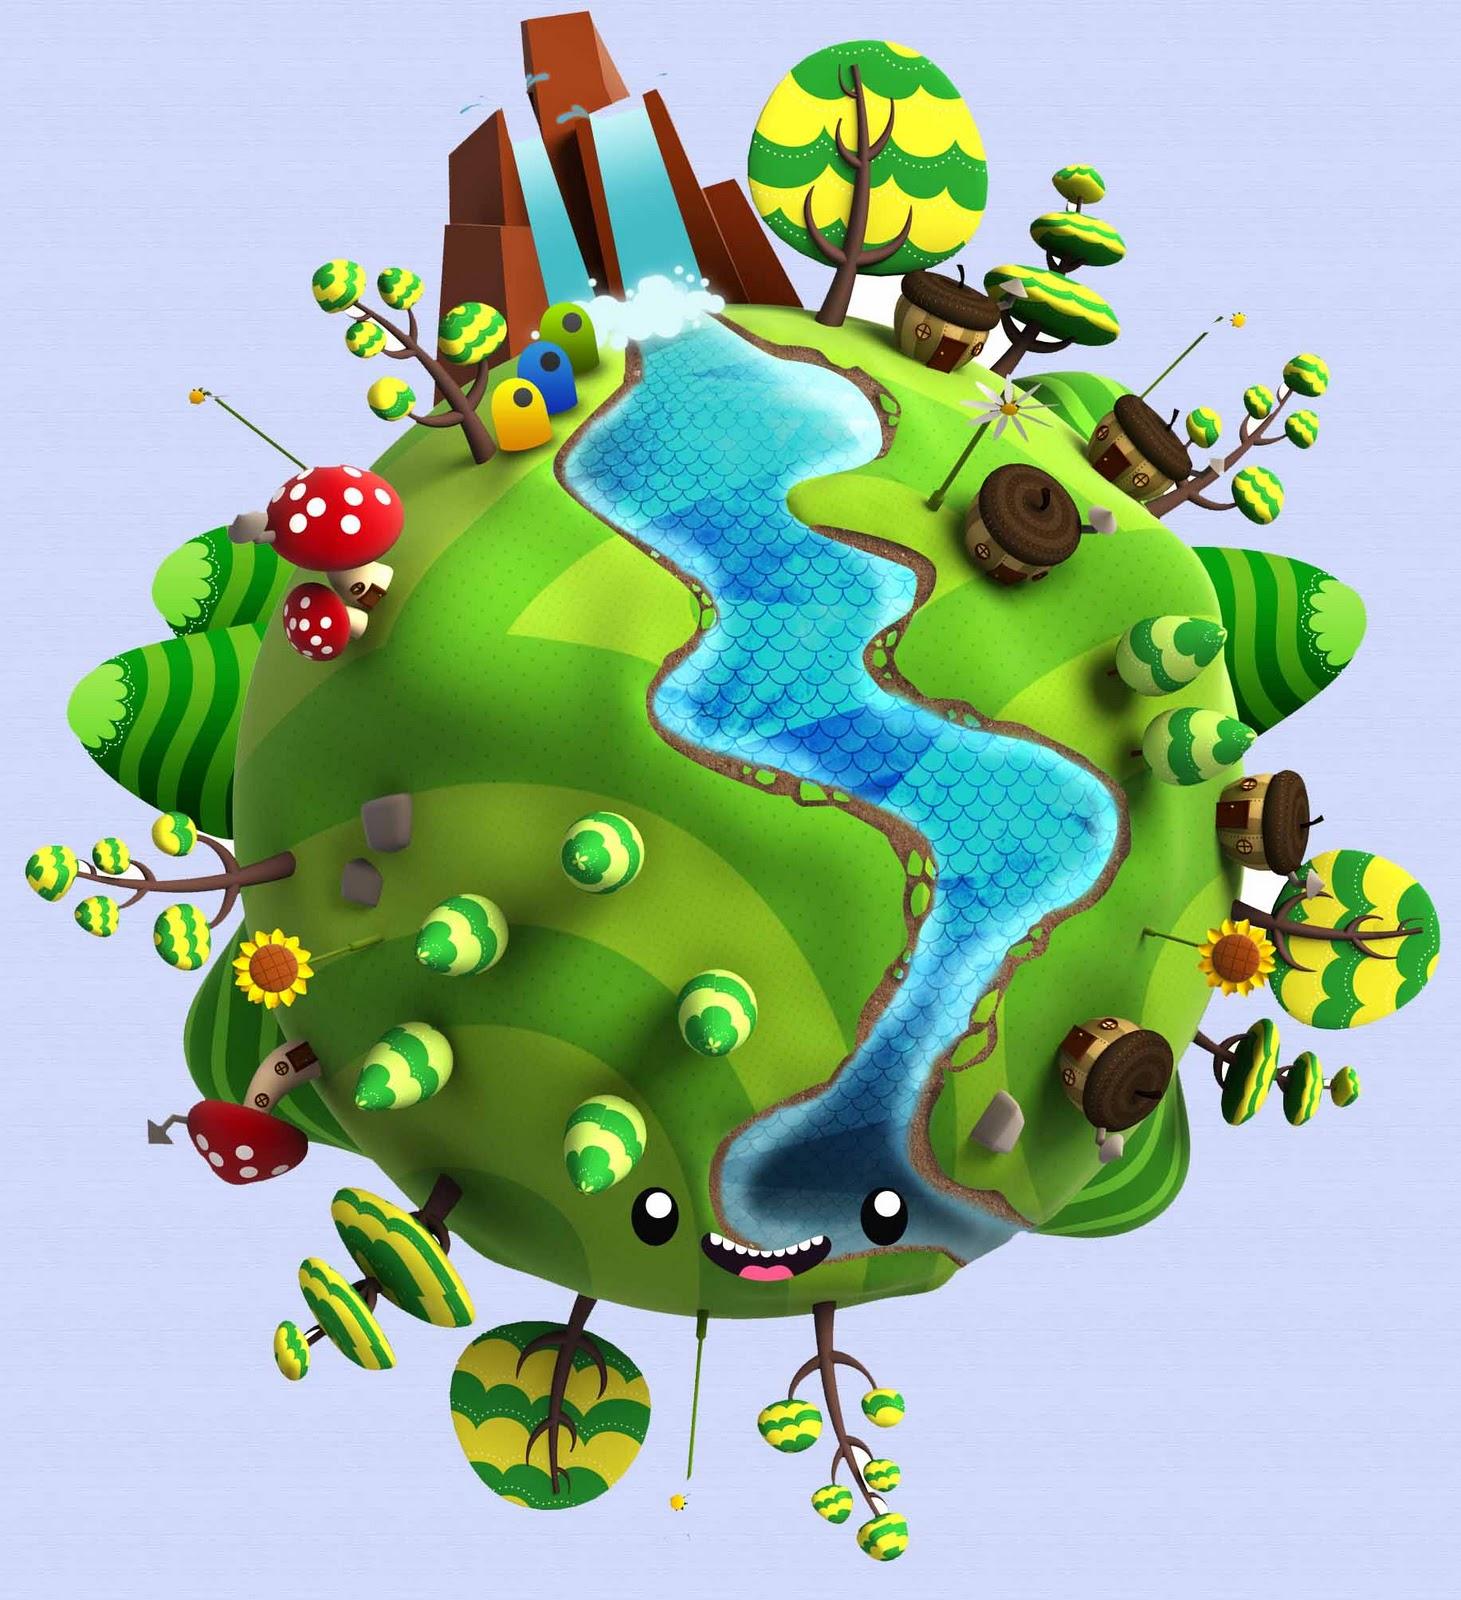 Noi e il mondo: un confronto ineludibile sullo stato dell'ambiente Italiano e Campano